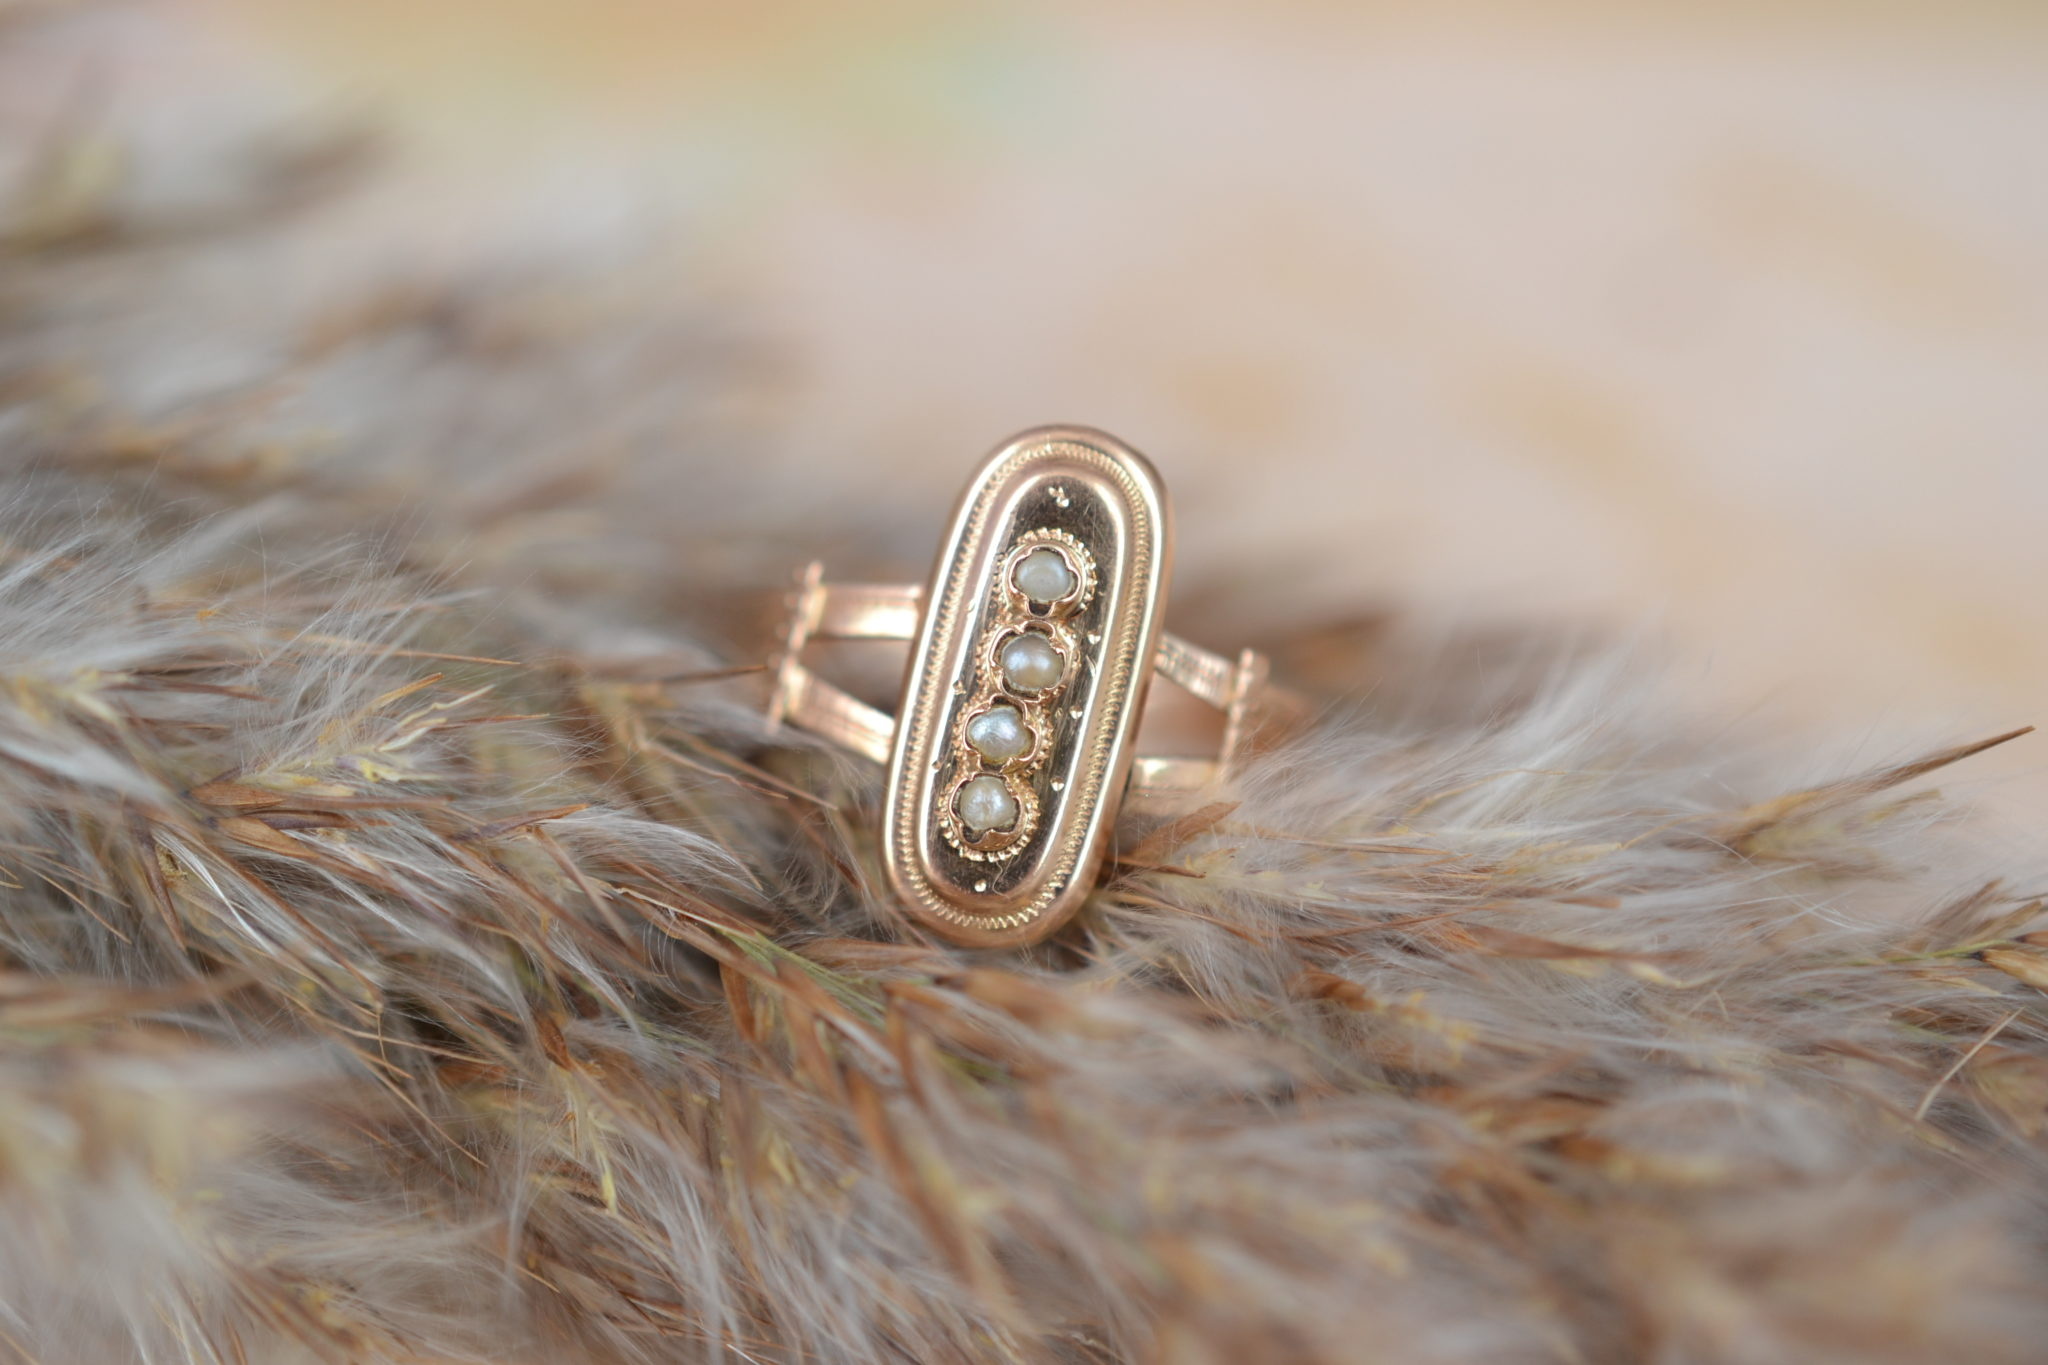 Bague en Or jaune sertie de petites perles sur un motif oblong, datant du XIXème siècle - bague de fiançailles Vintage